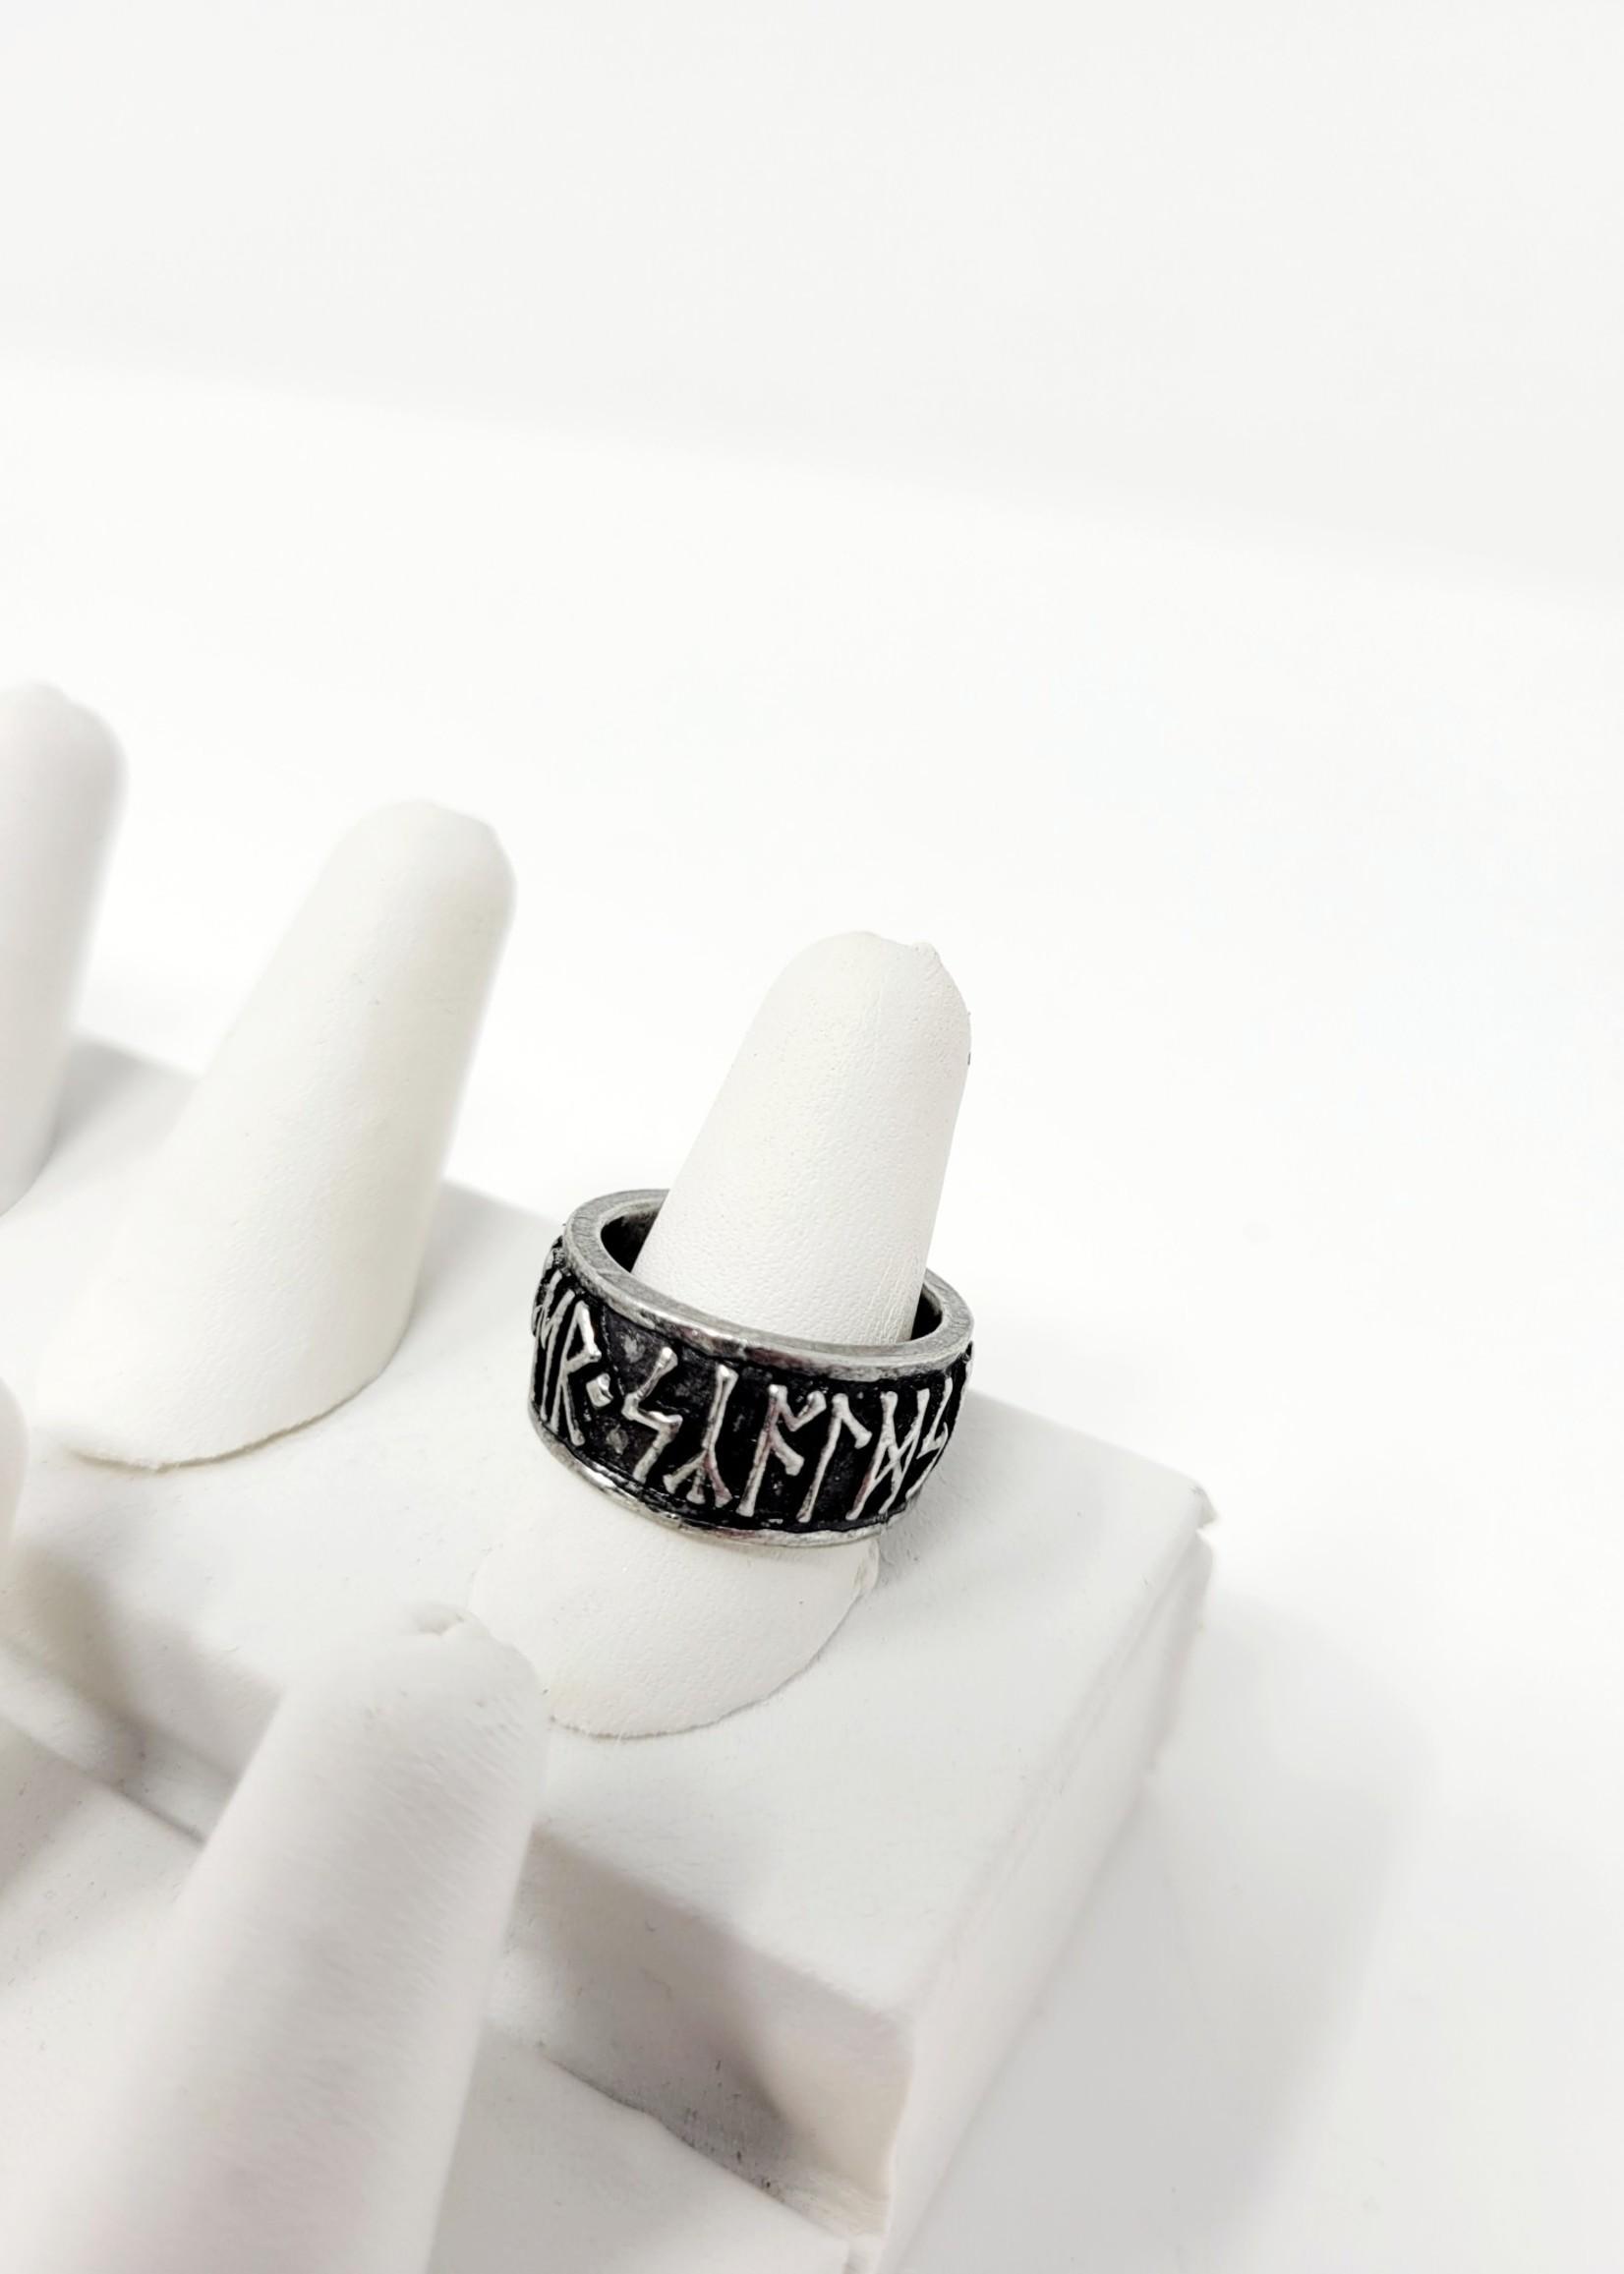 Rune Band Ring